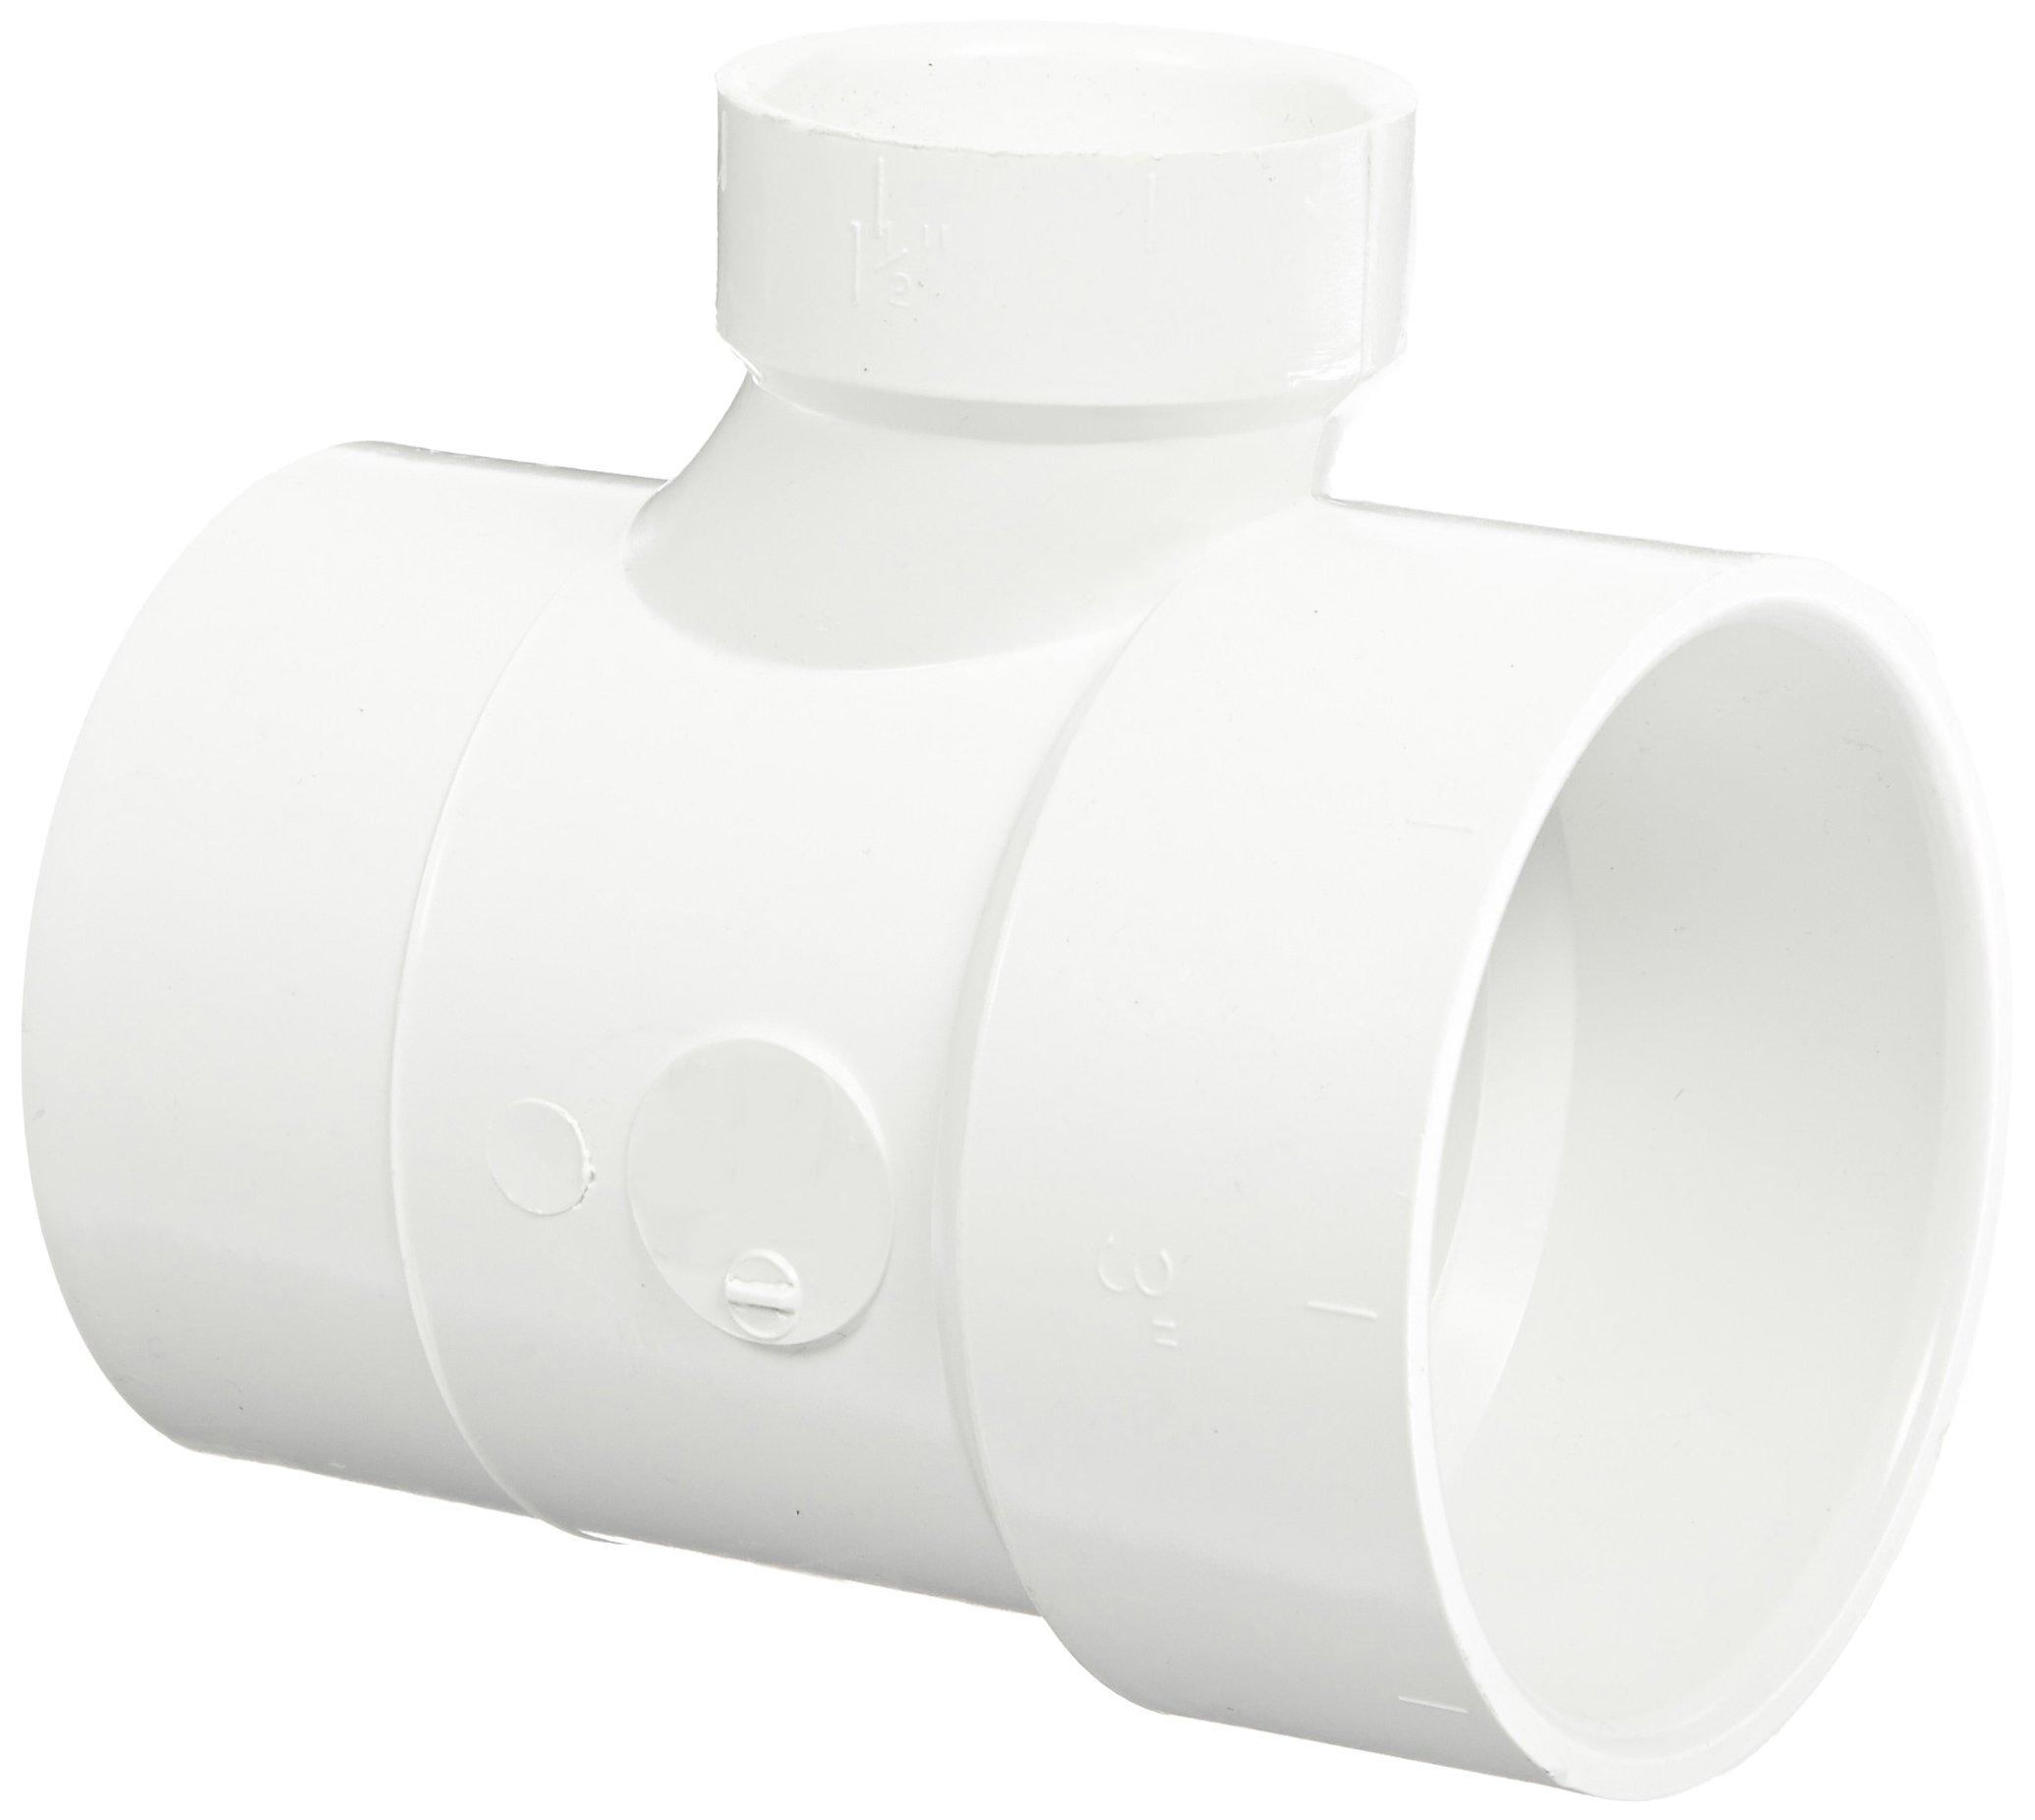 Spears P404 Series PVC DWV Pipe Fitting, Reducing Sanitary Tee, 3'' Spigot x 3'' Hub x 1-1/2'' Hub